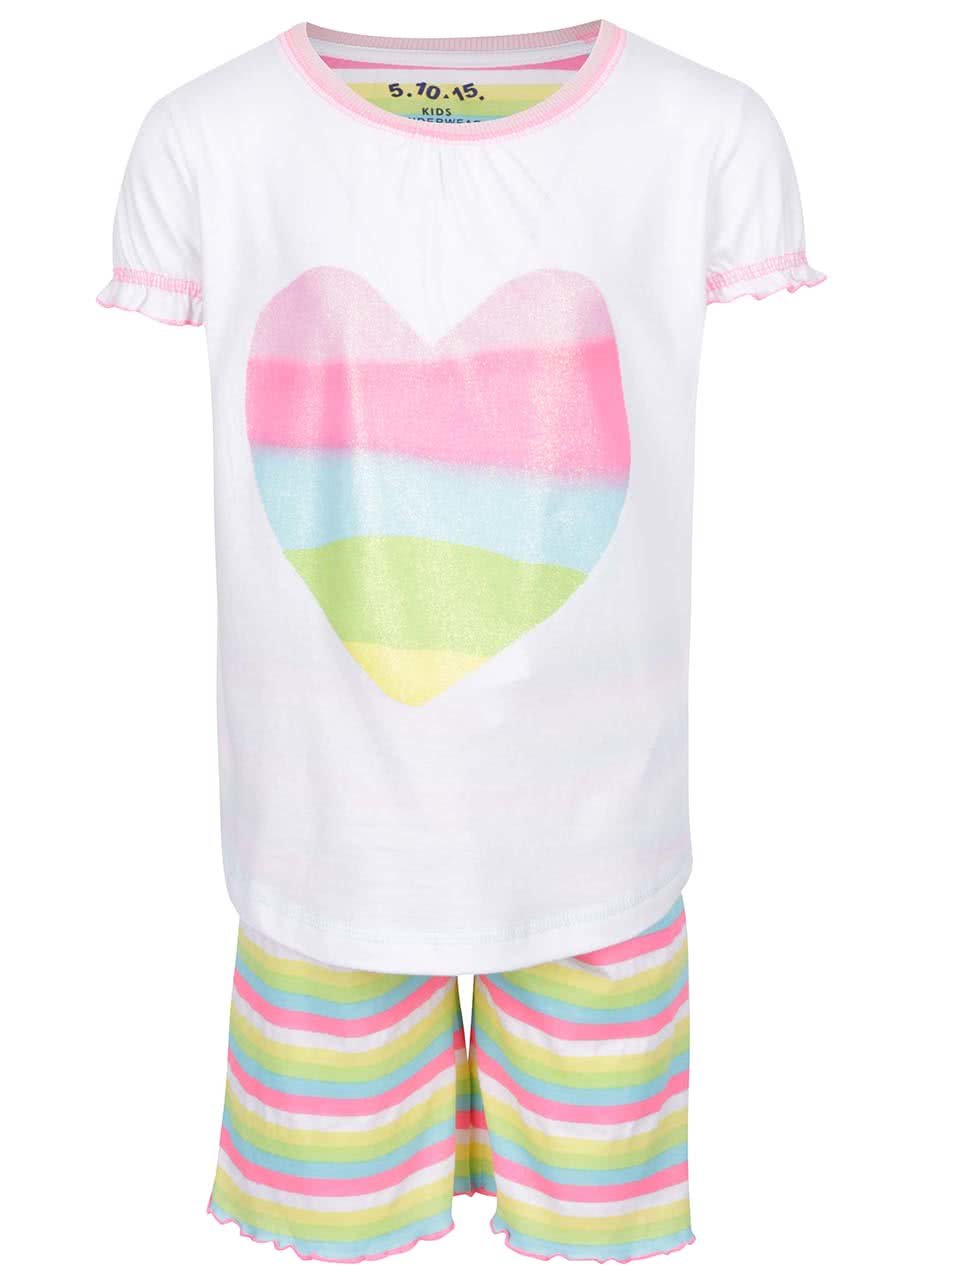 Zeleno-růžovo-bílé holčičí pyžamo s potiskem srdce 5.10.15